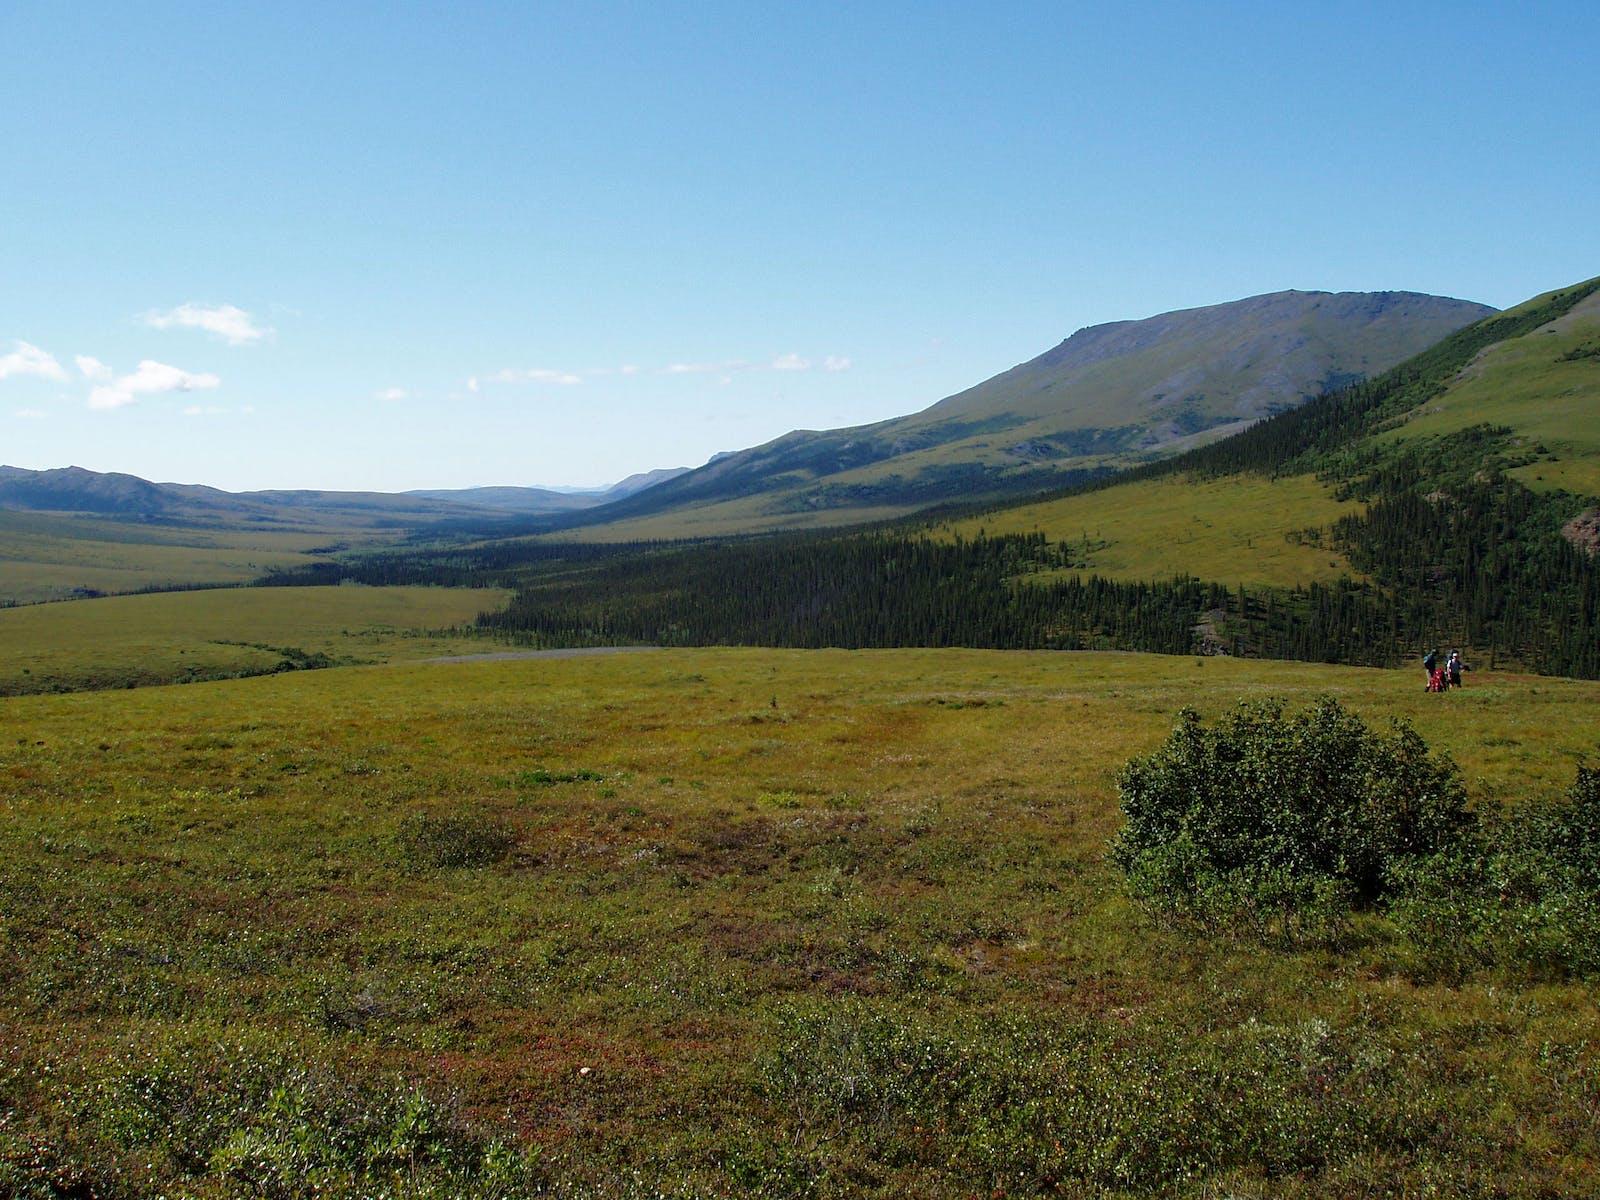 Interior Alaska-Yukon Lowland Taiga